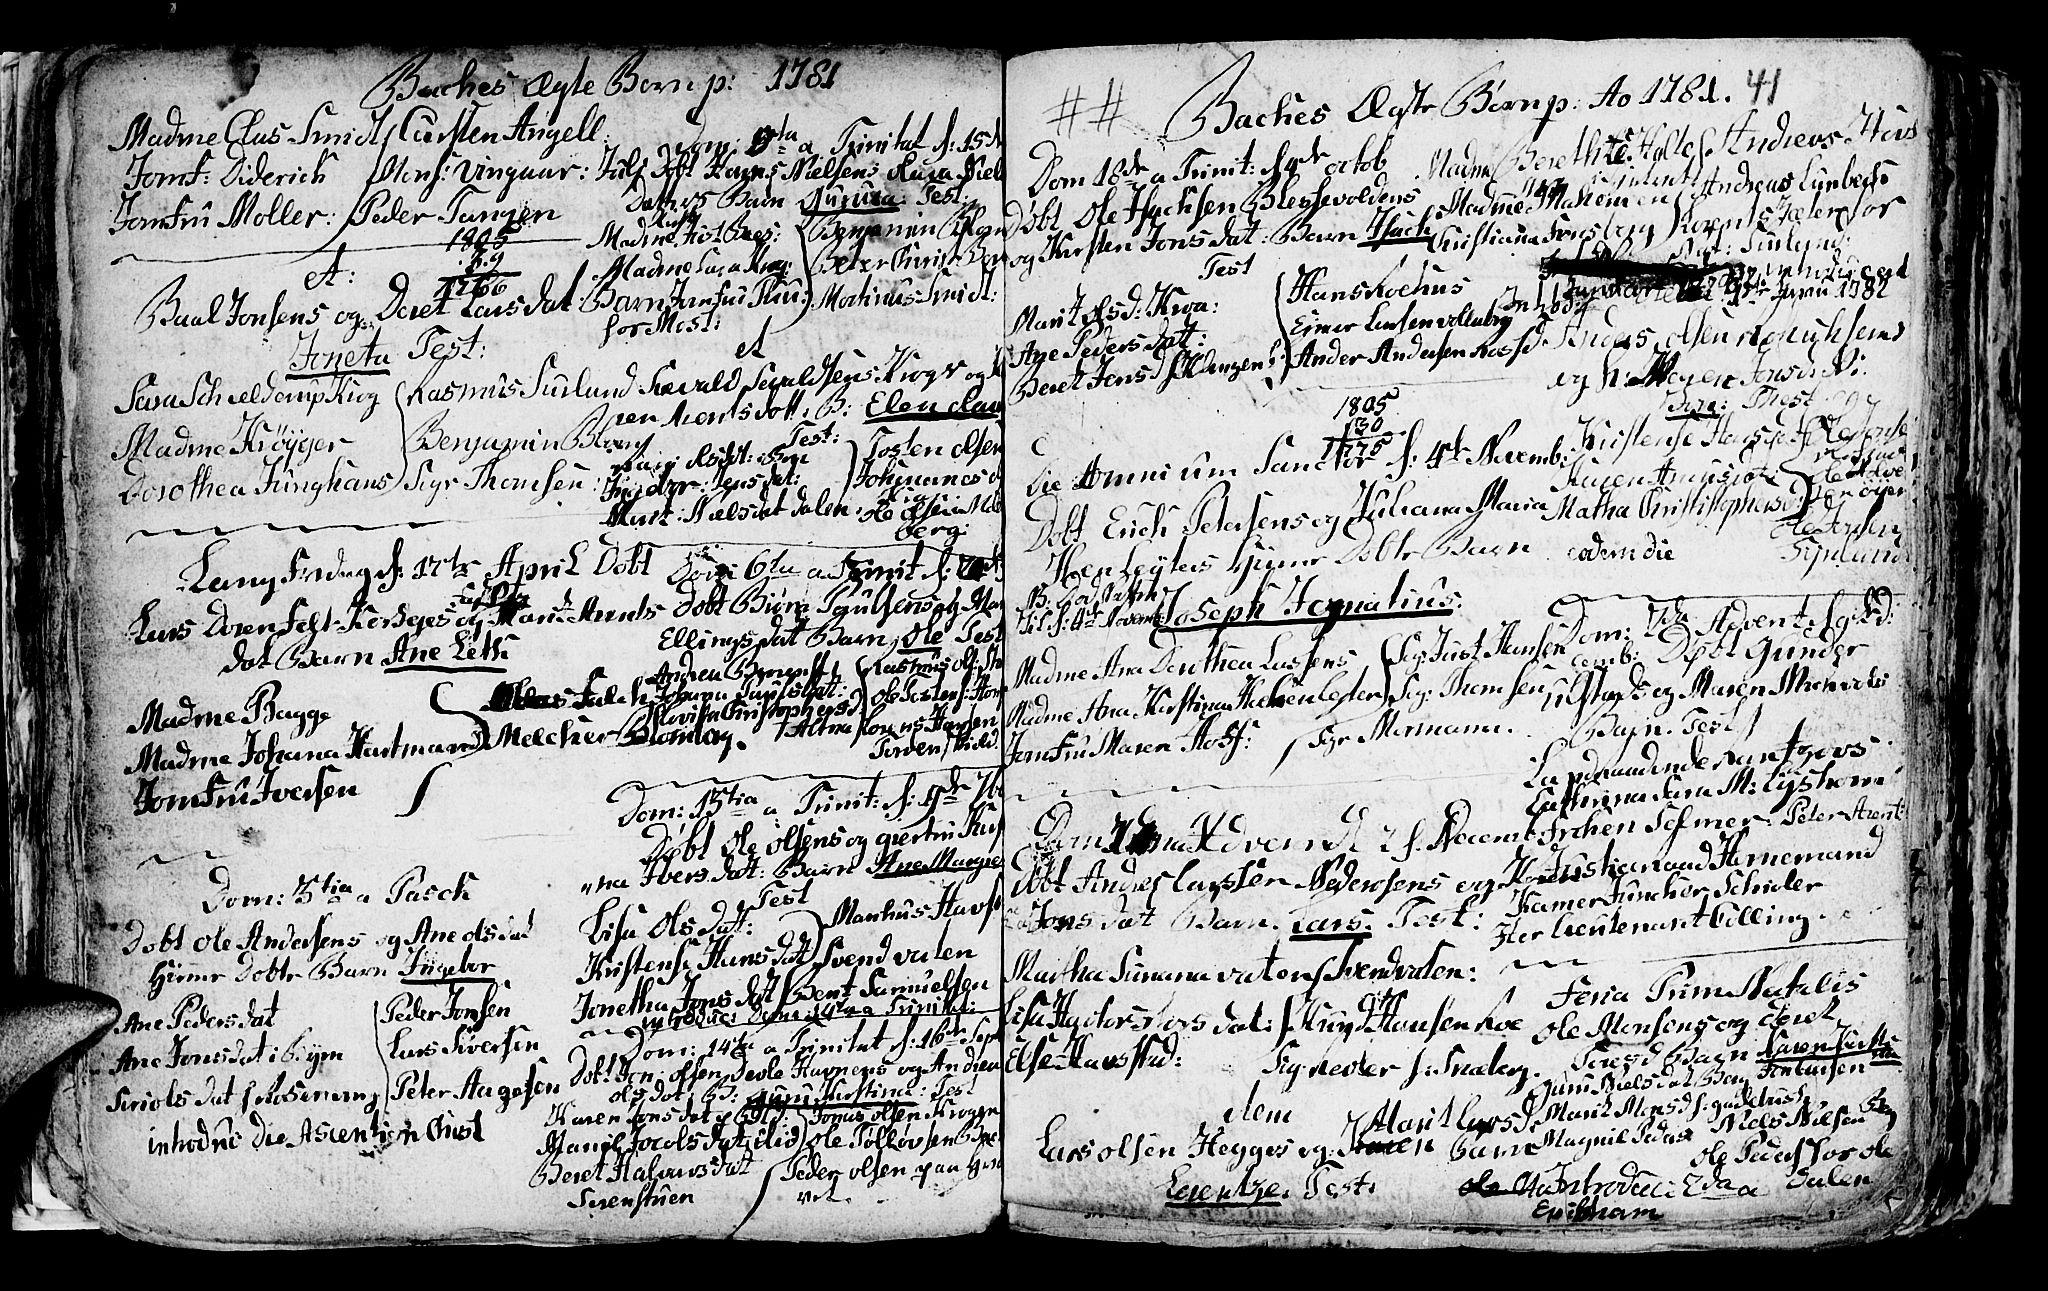 SAT, Ministerialprotokoller, klokkerbøker og fødselsregistre - Sør-Trøndelag, 604/L0218: Klokkerbok nr. 604C01, 1754-1819, s. 41